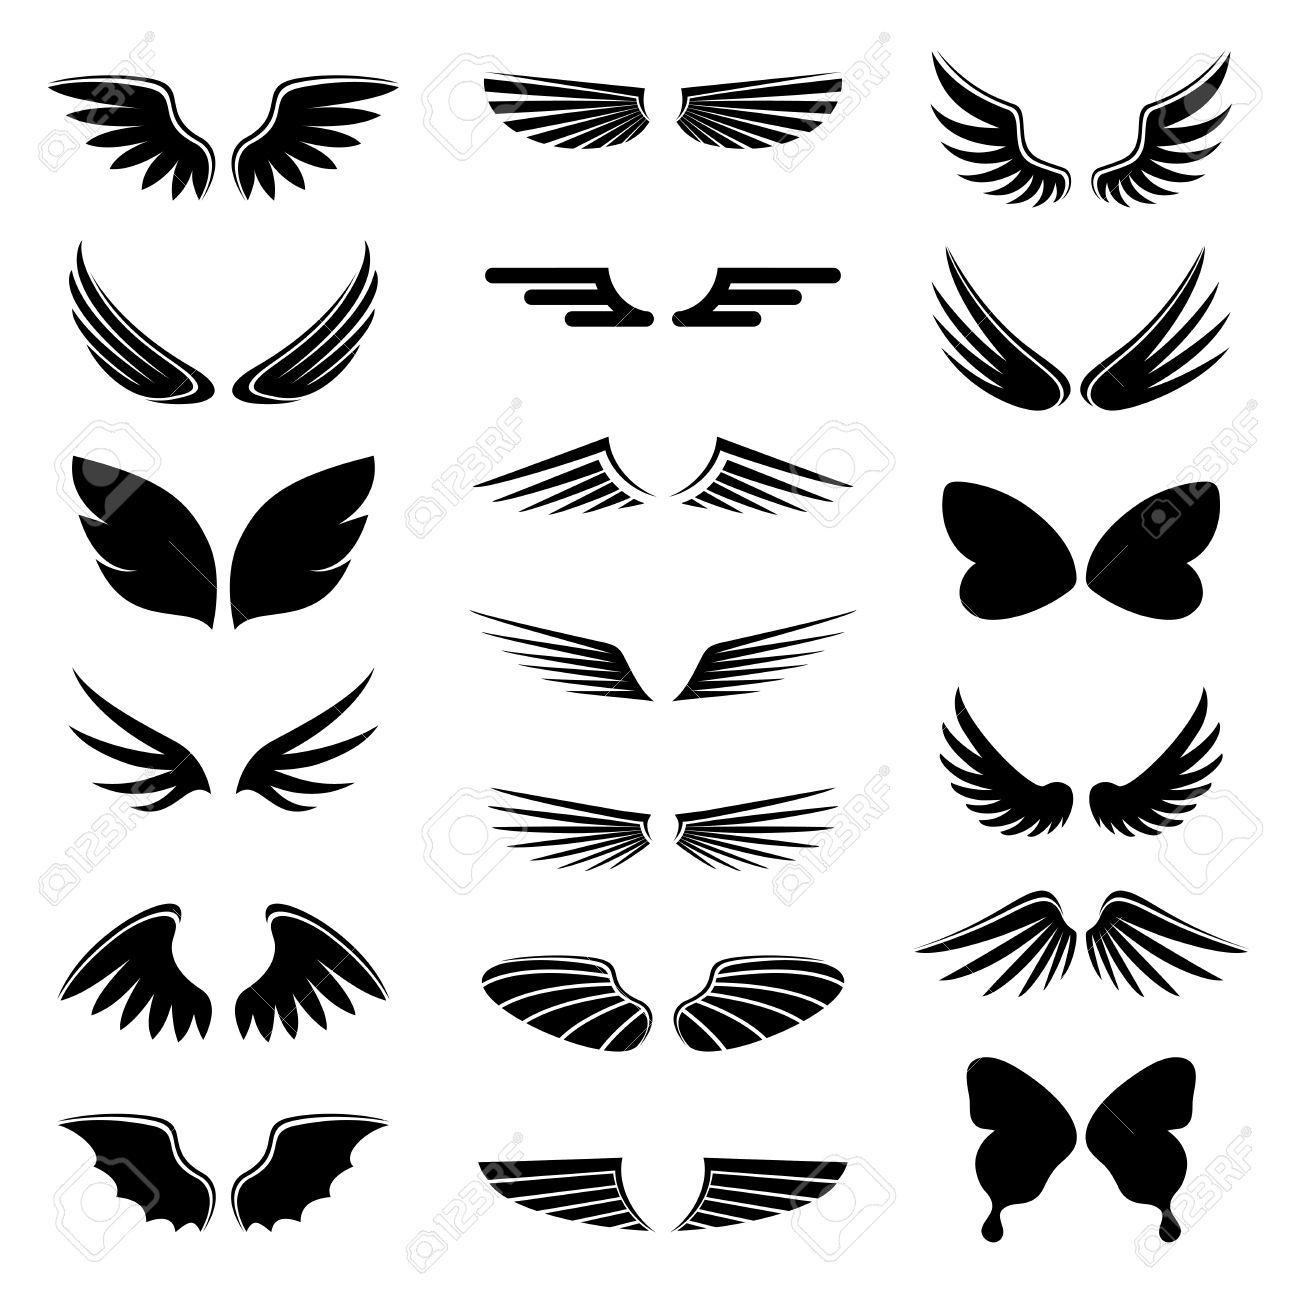 ベクトルはアイコン シルエット イラスト翼天使と鳥を設定のイラスト